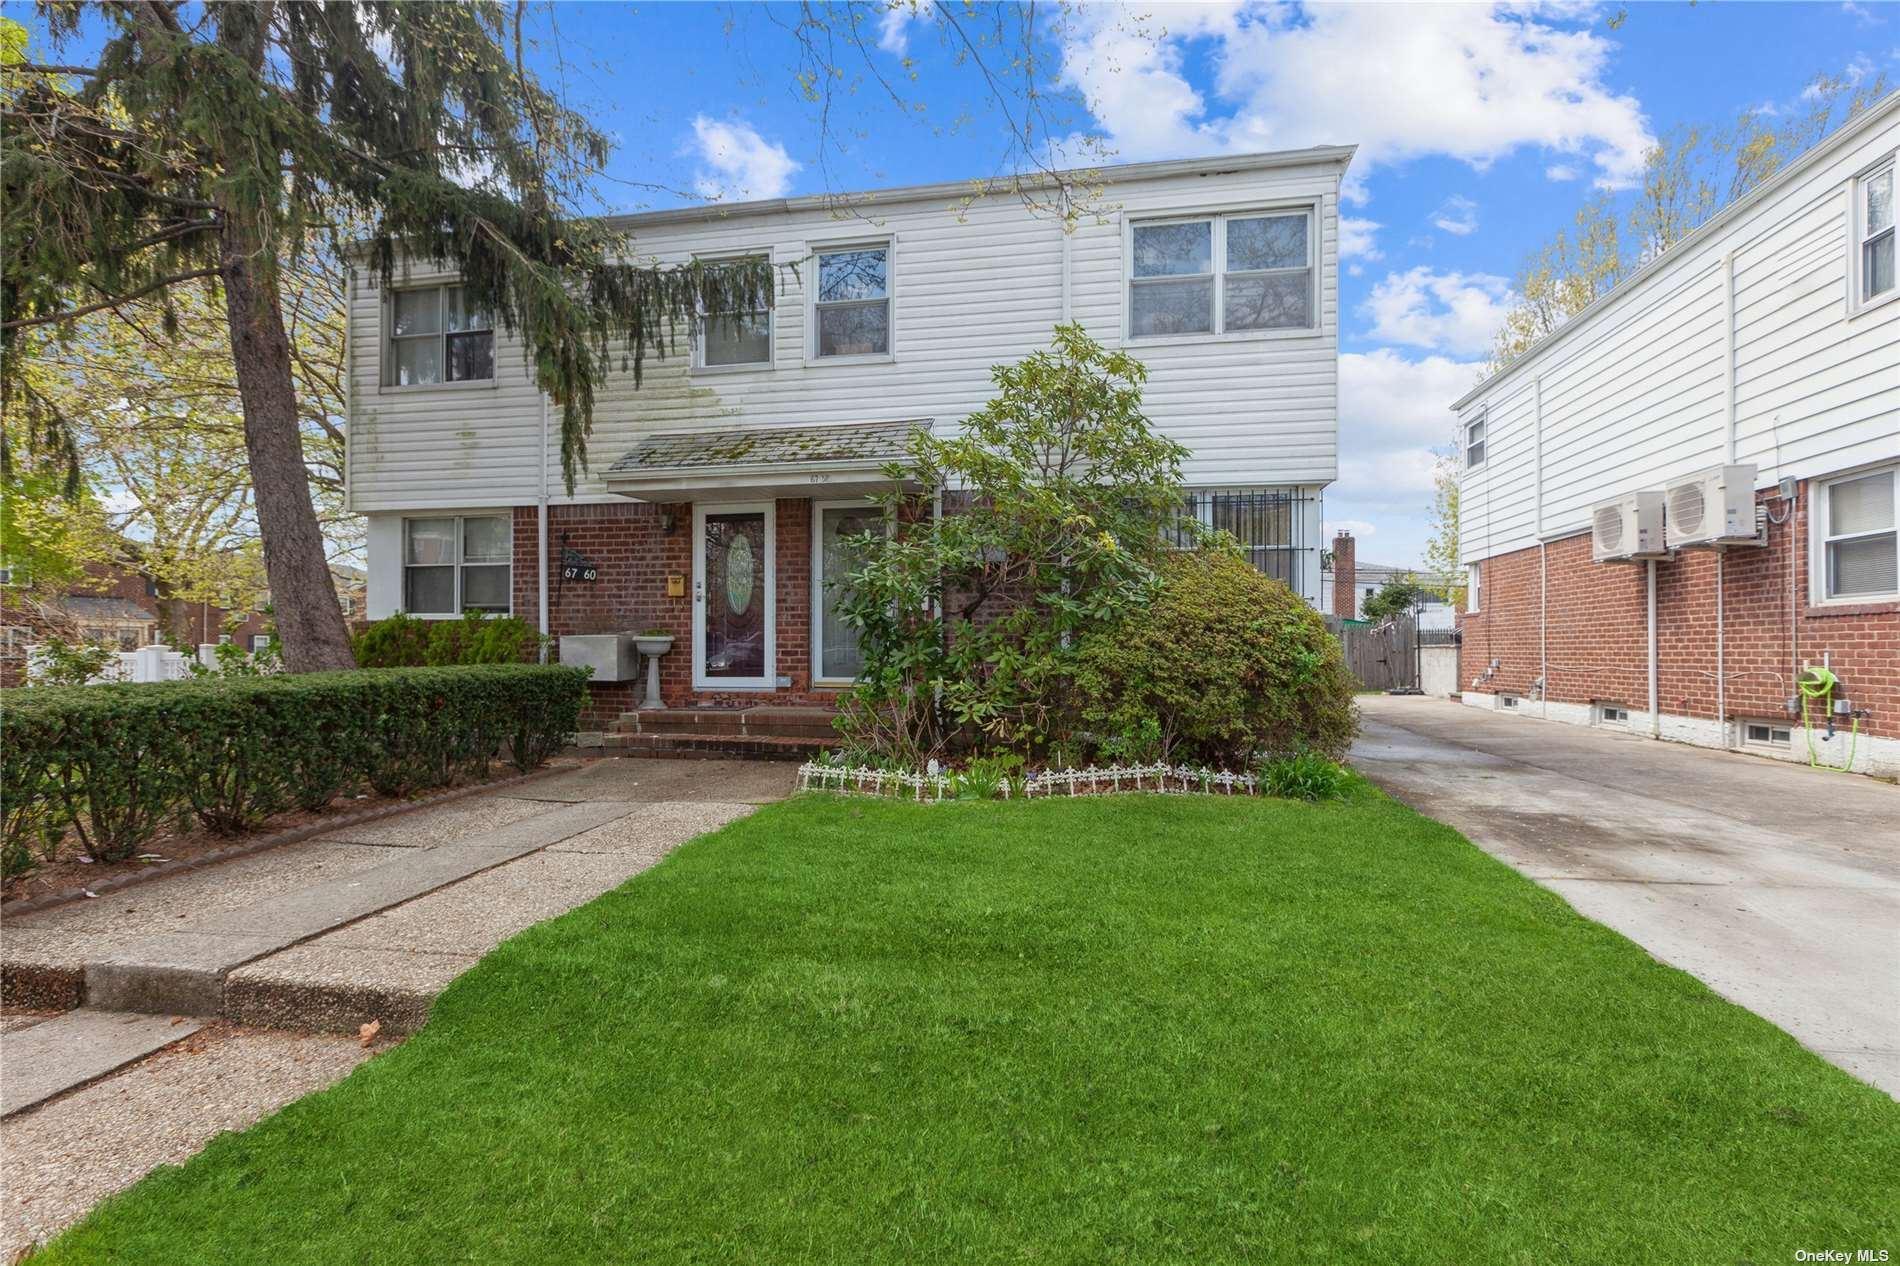 67-58 213 Street, Bayside, NY 11364 - MLS#: 3306228